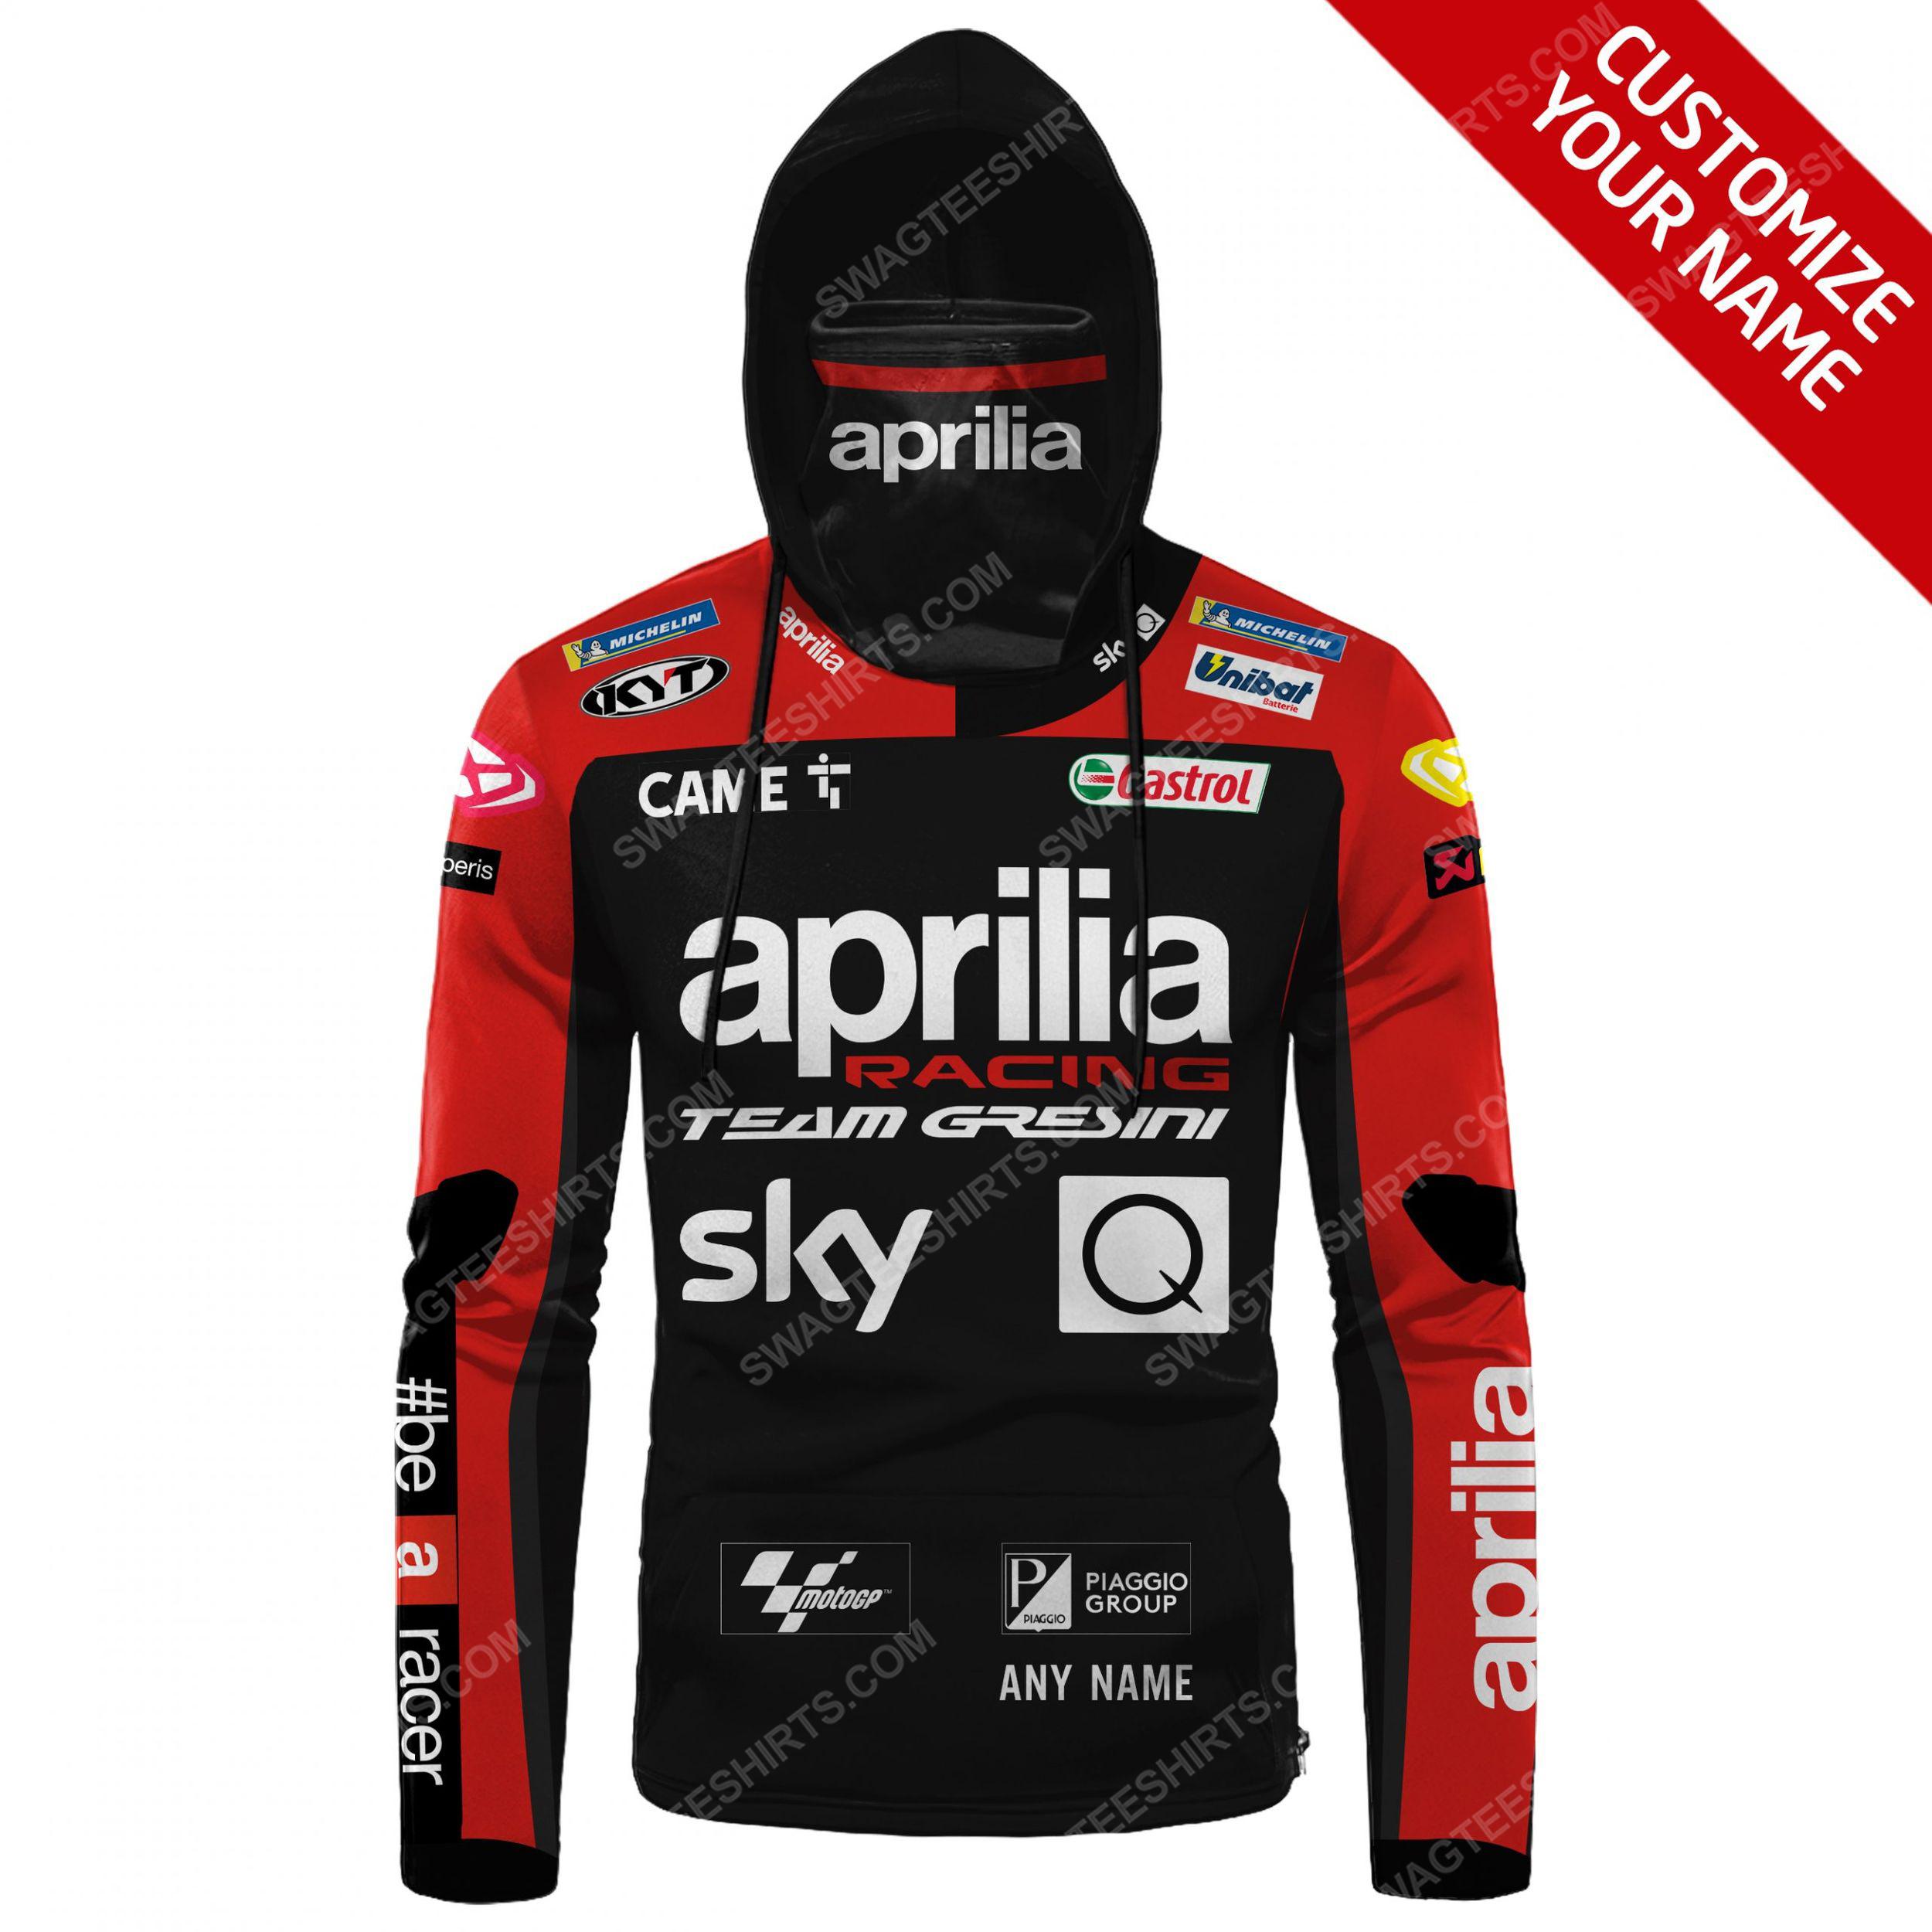 Custom name aprilia racing team gresini full print mask hoodie 2(1) - Copy